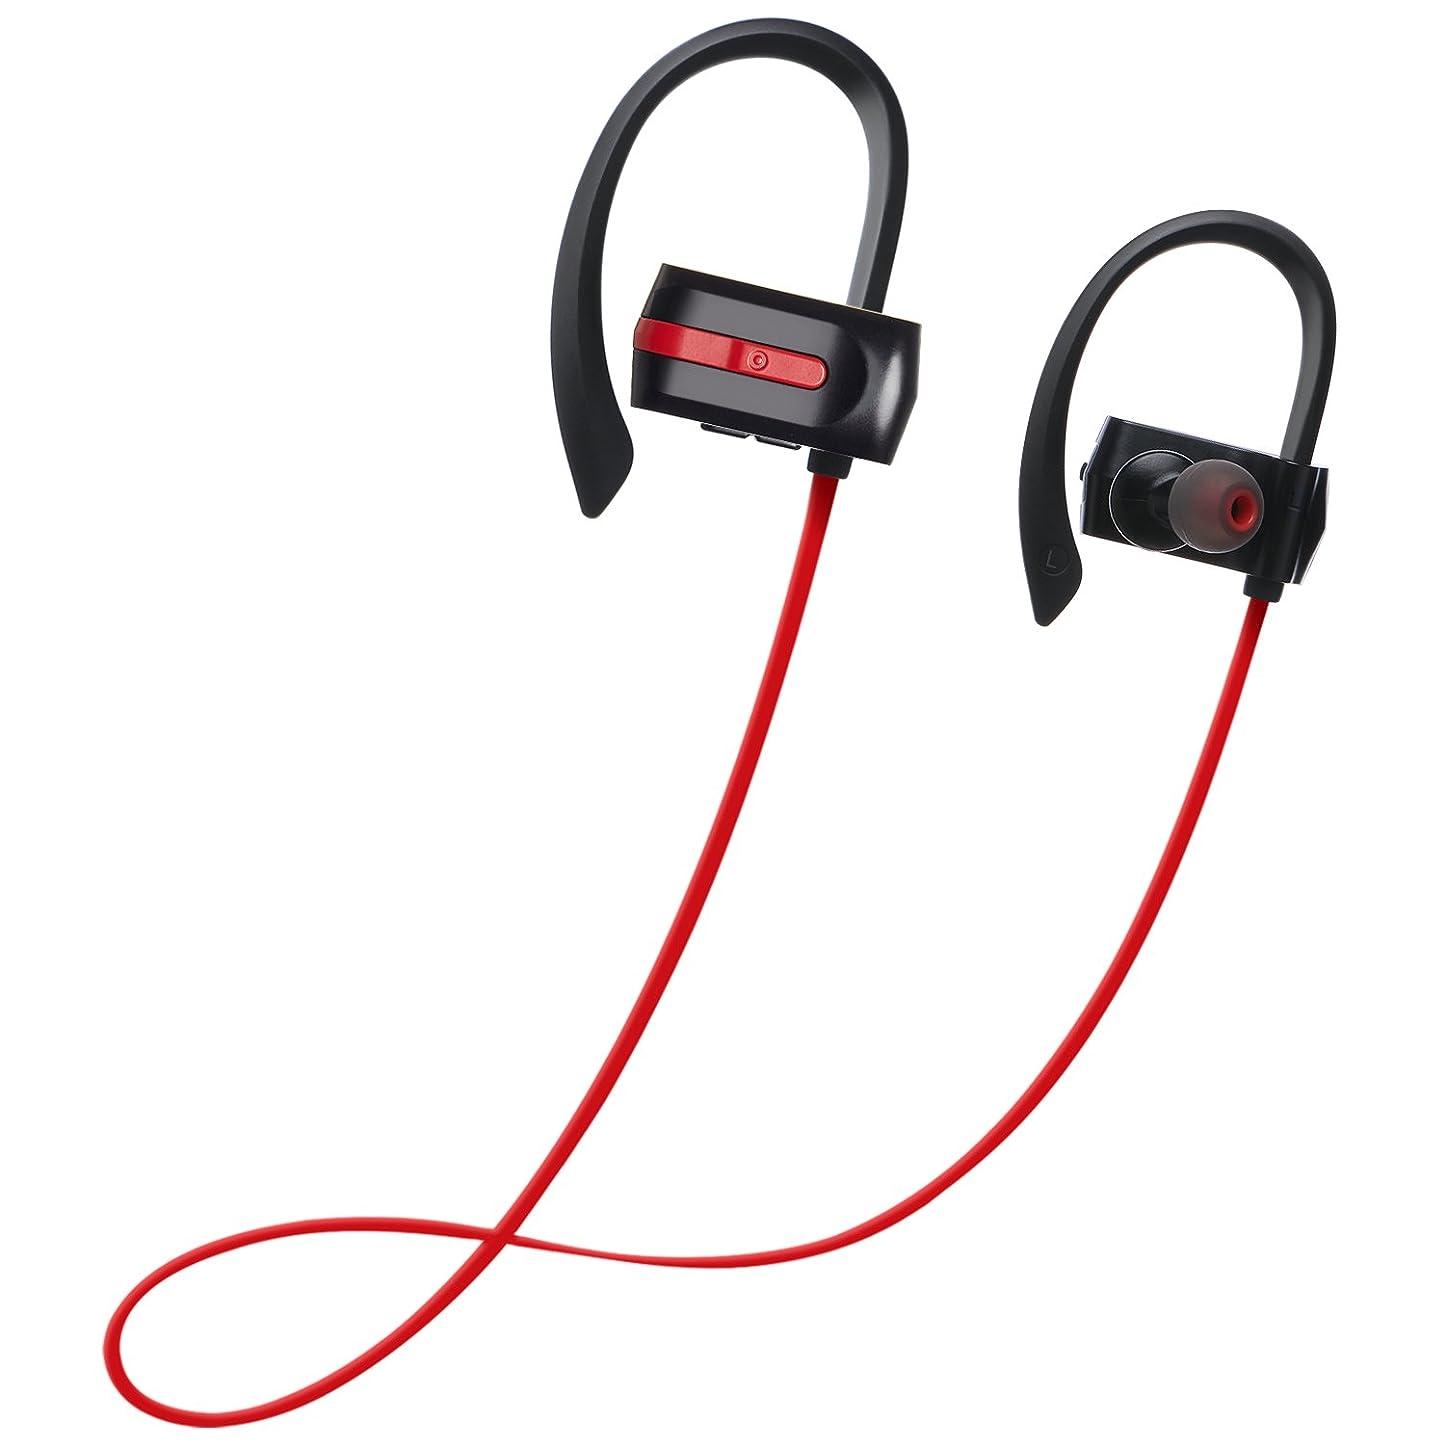 ラフのためシルクZENBRE E3 Bluetooth4.1スポーツイヤホン【7時間連続再生/低音強化ステレオベース/IPX4防水】(レッド)